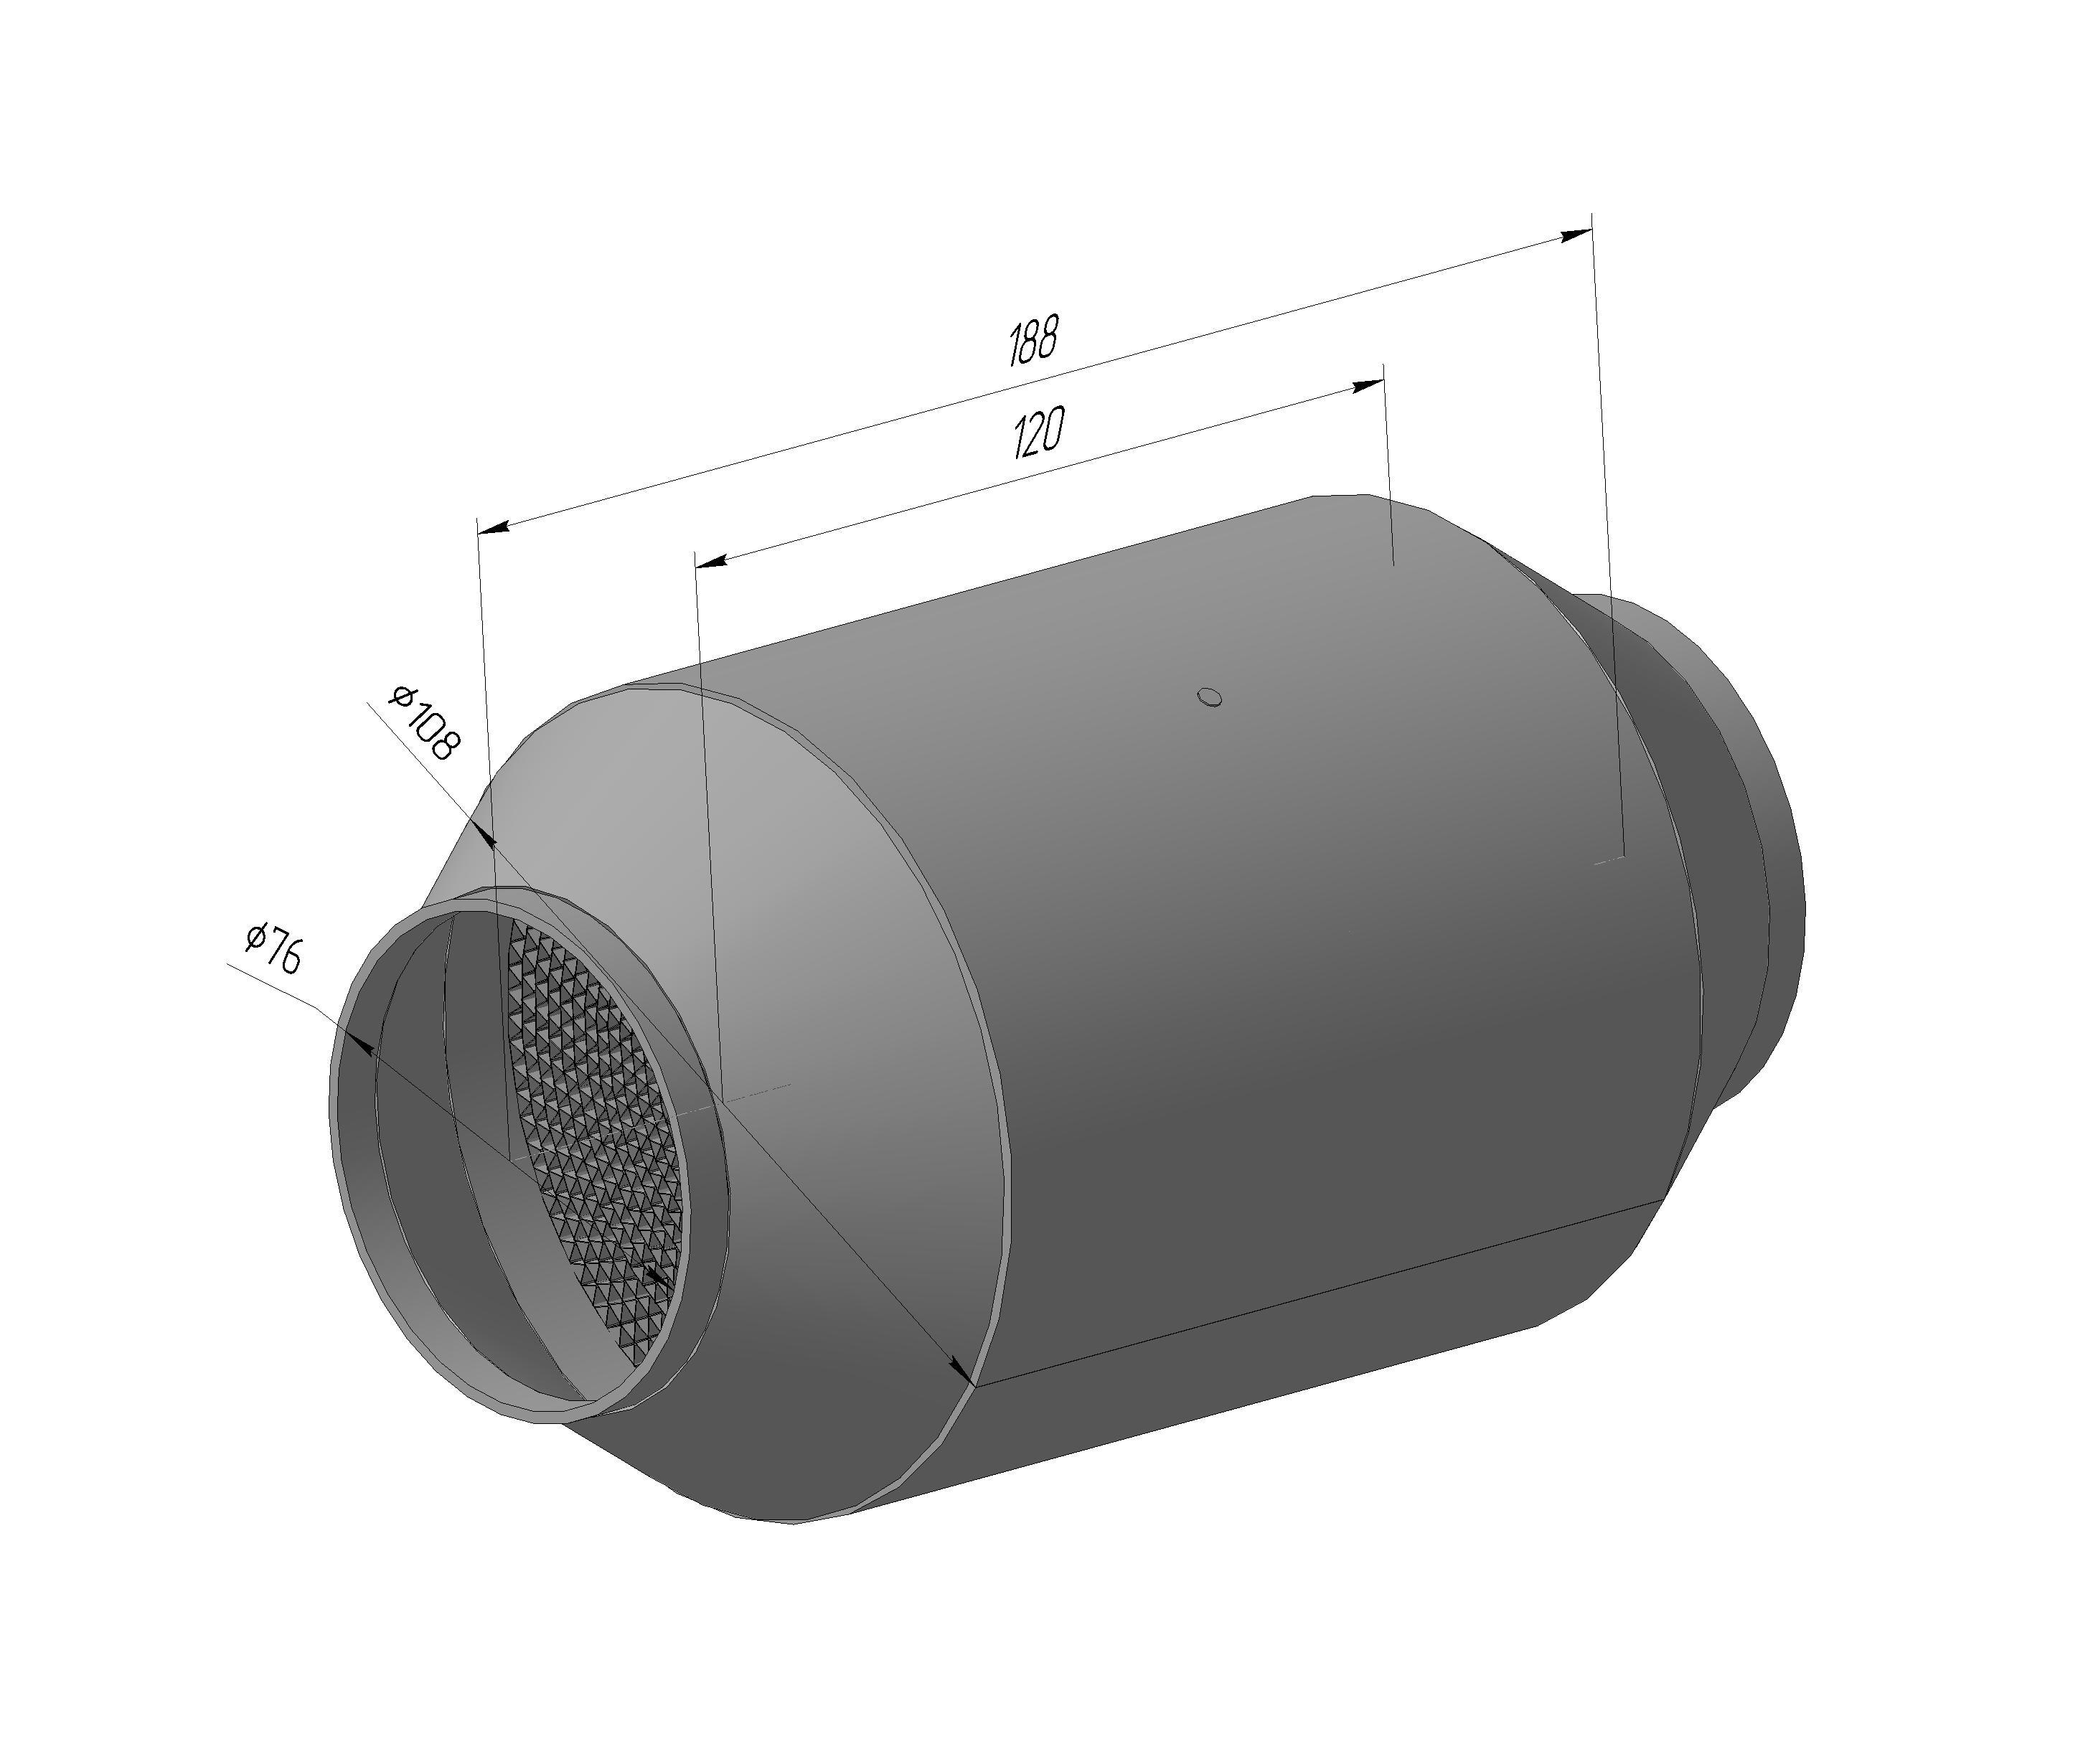 Спортивный каталитический нейтрализатор ЭМ.1206.108.76-01 ( ф блока-108 мм, ф входа/Выхода-76мм, диаметр корпуса 188)